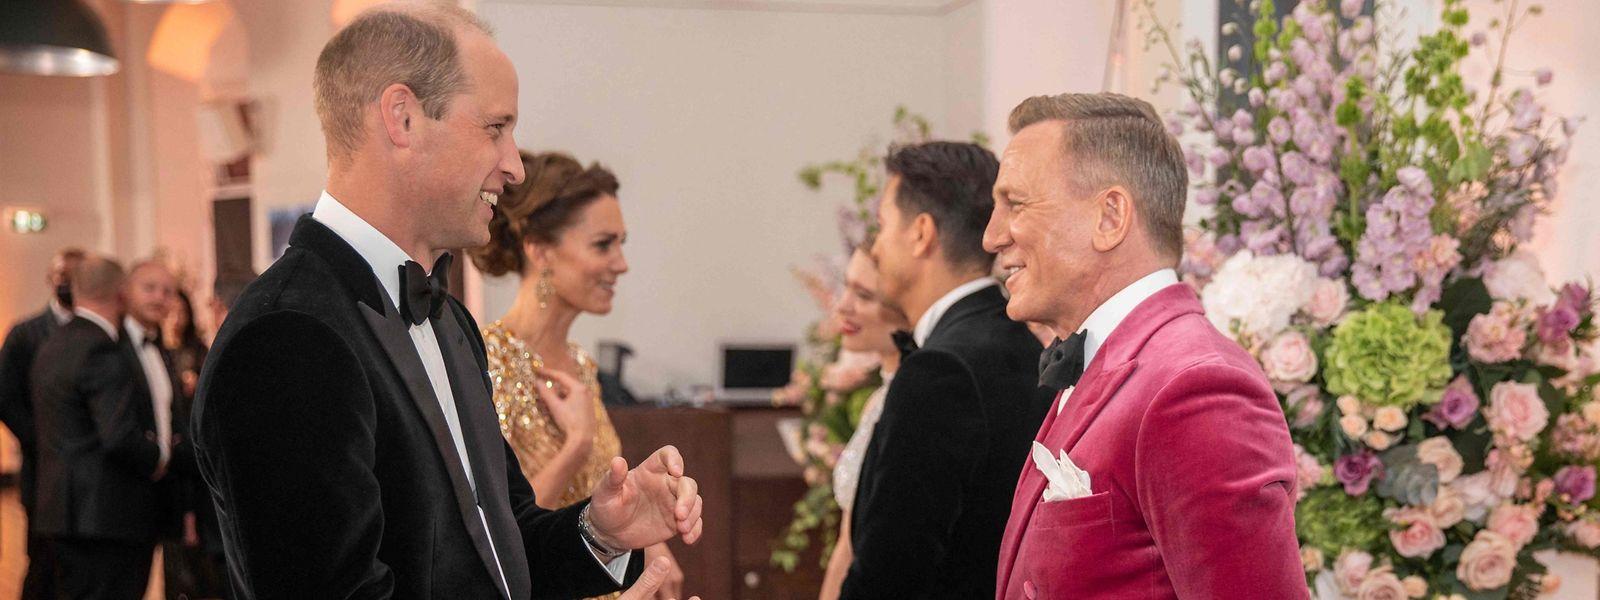 """Der britische Prinz William und """"Bond""""-Darsteller Daniel Craig im Gespräch in der Royal Albert Hall."""